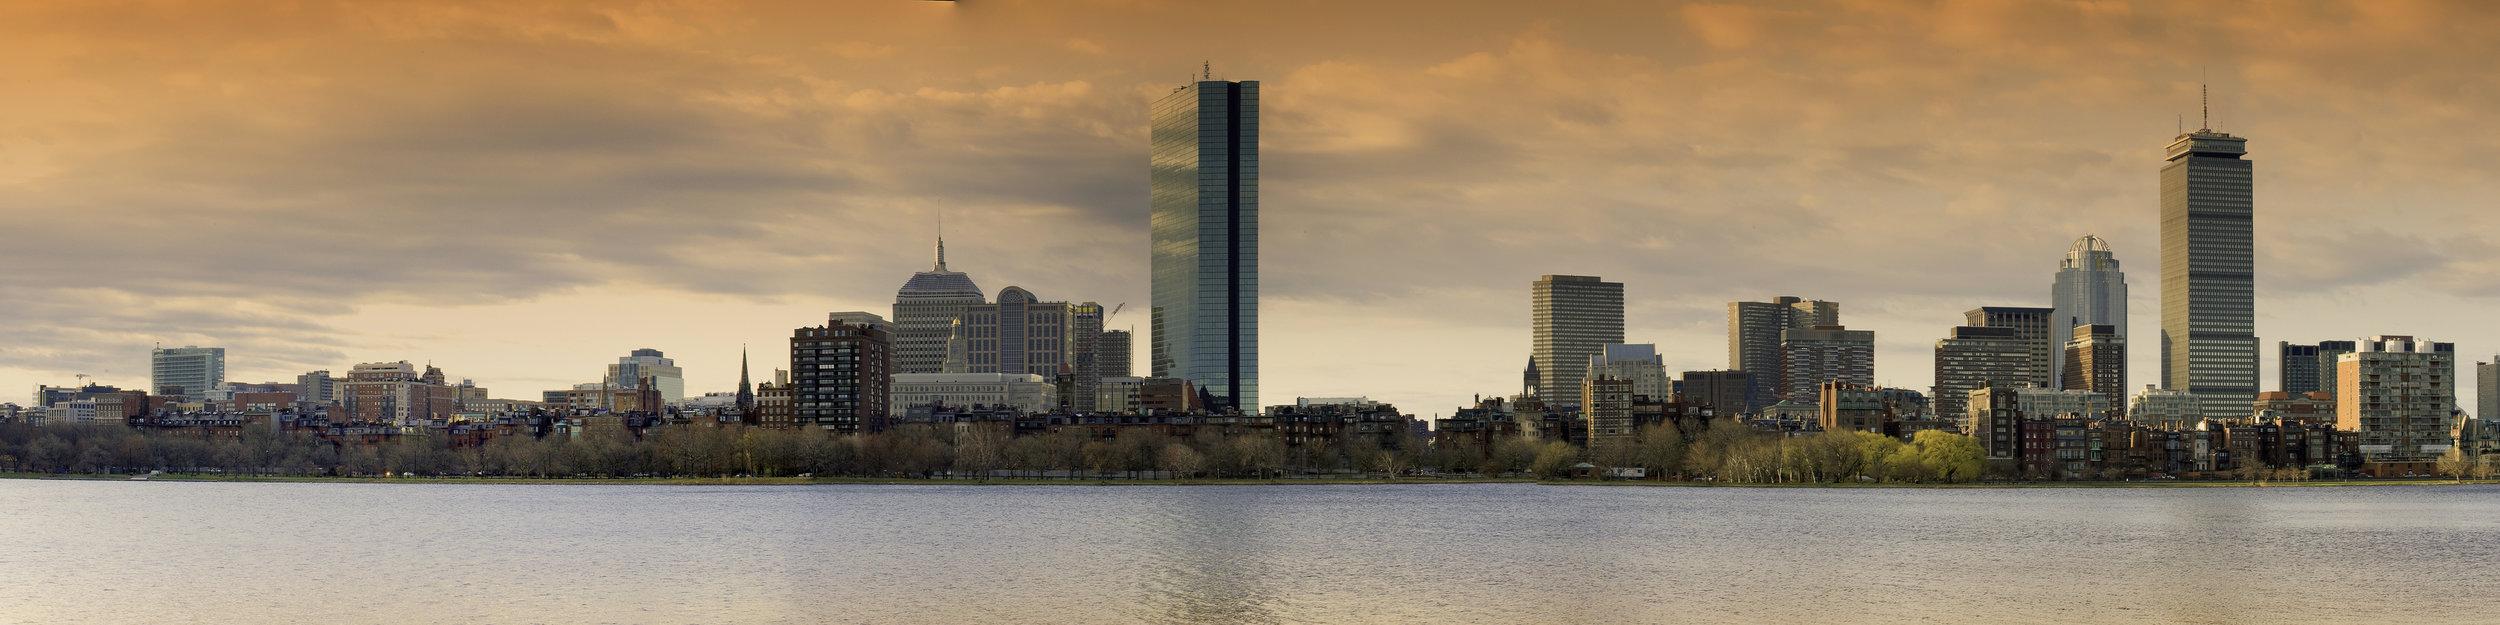 Boston Panorama1 copy.jpg